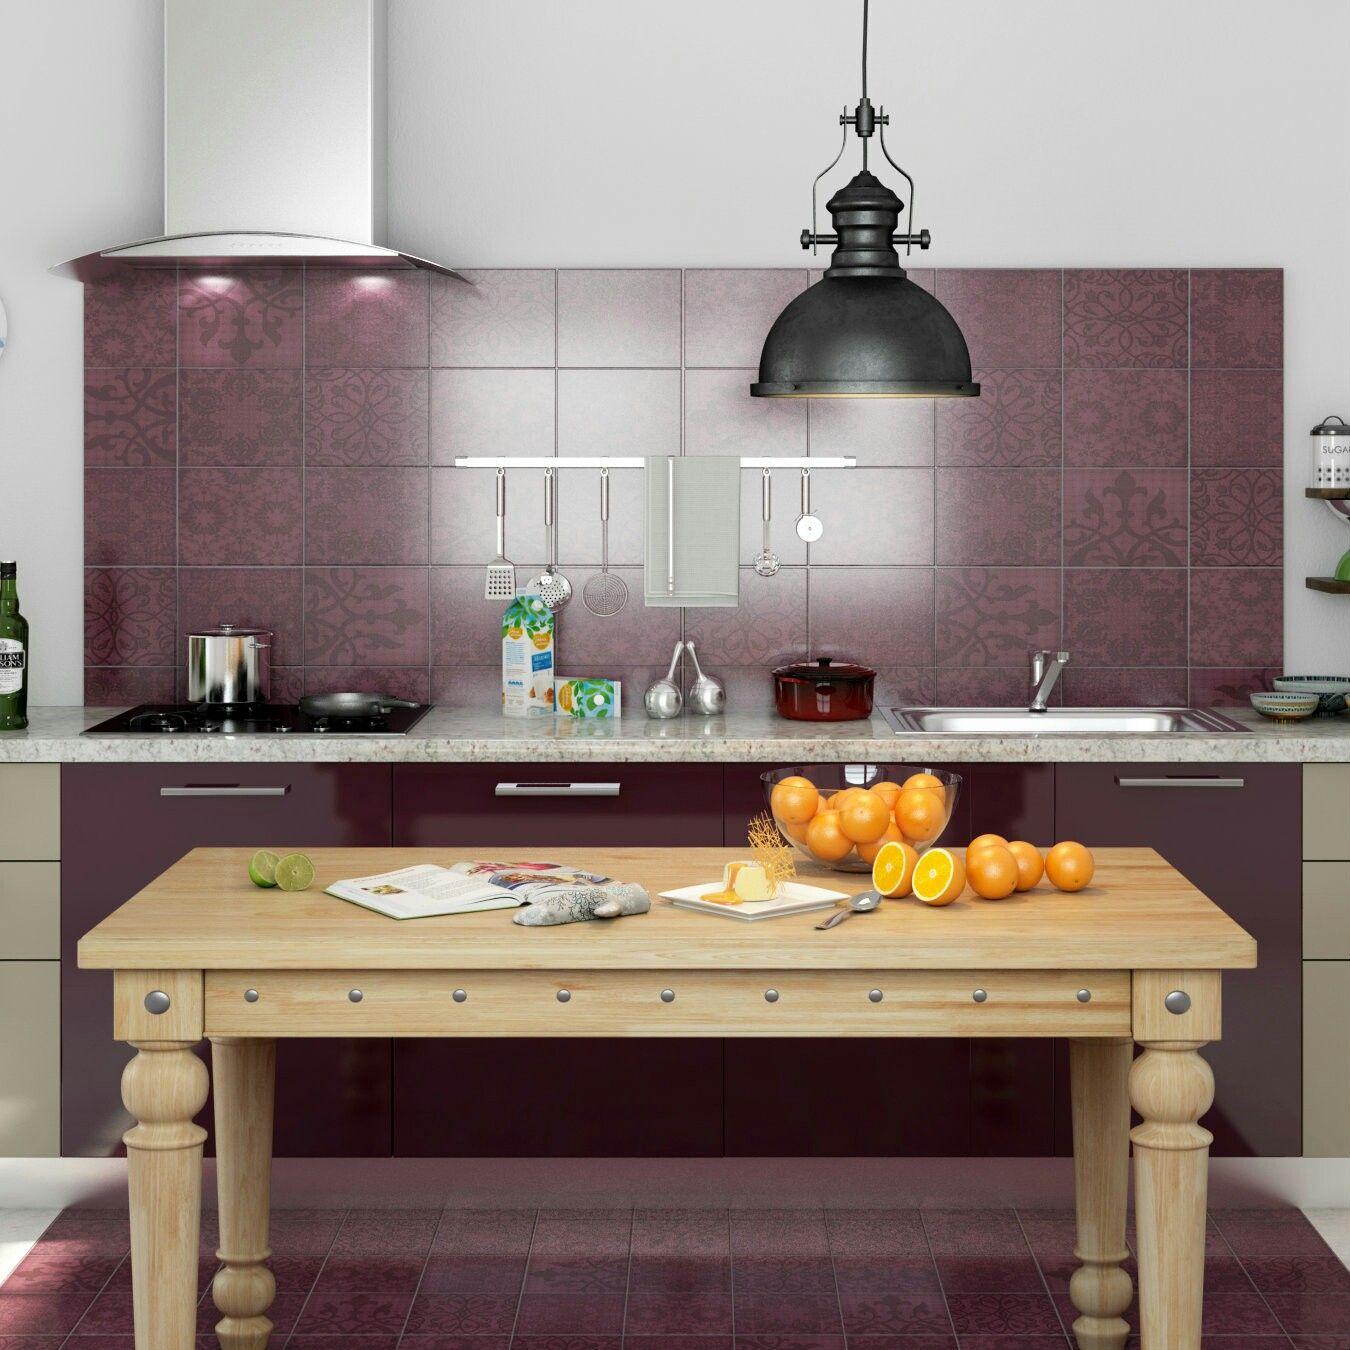 Violet reign in this vibrant kitchen. | Kitchen design ...